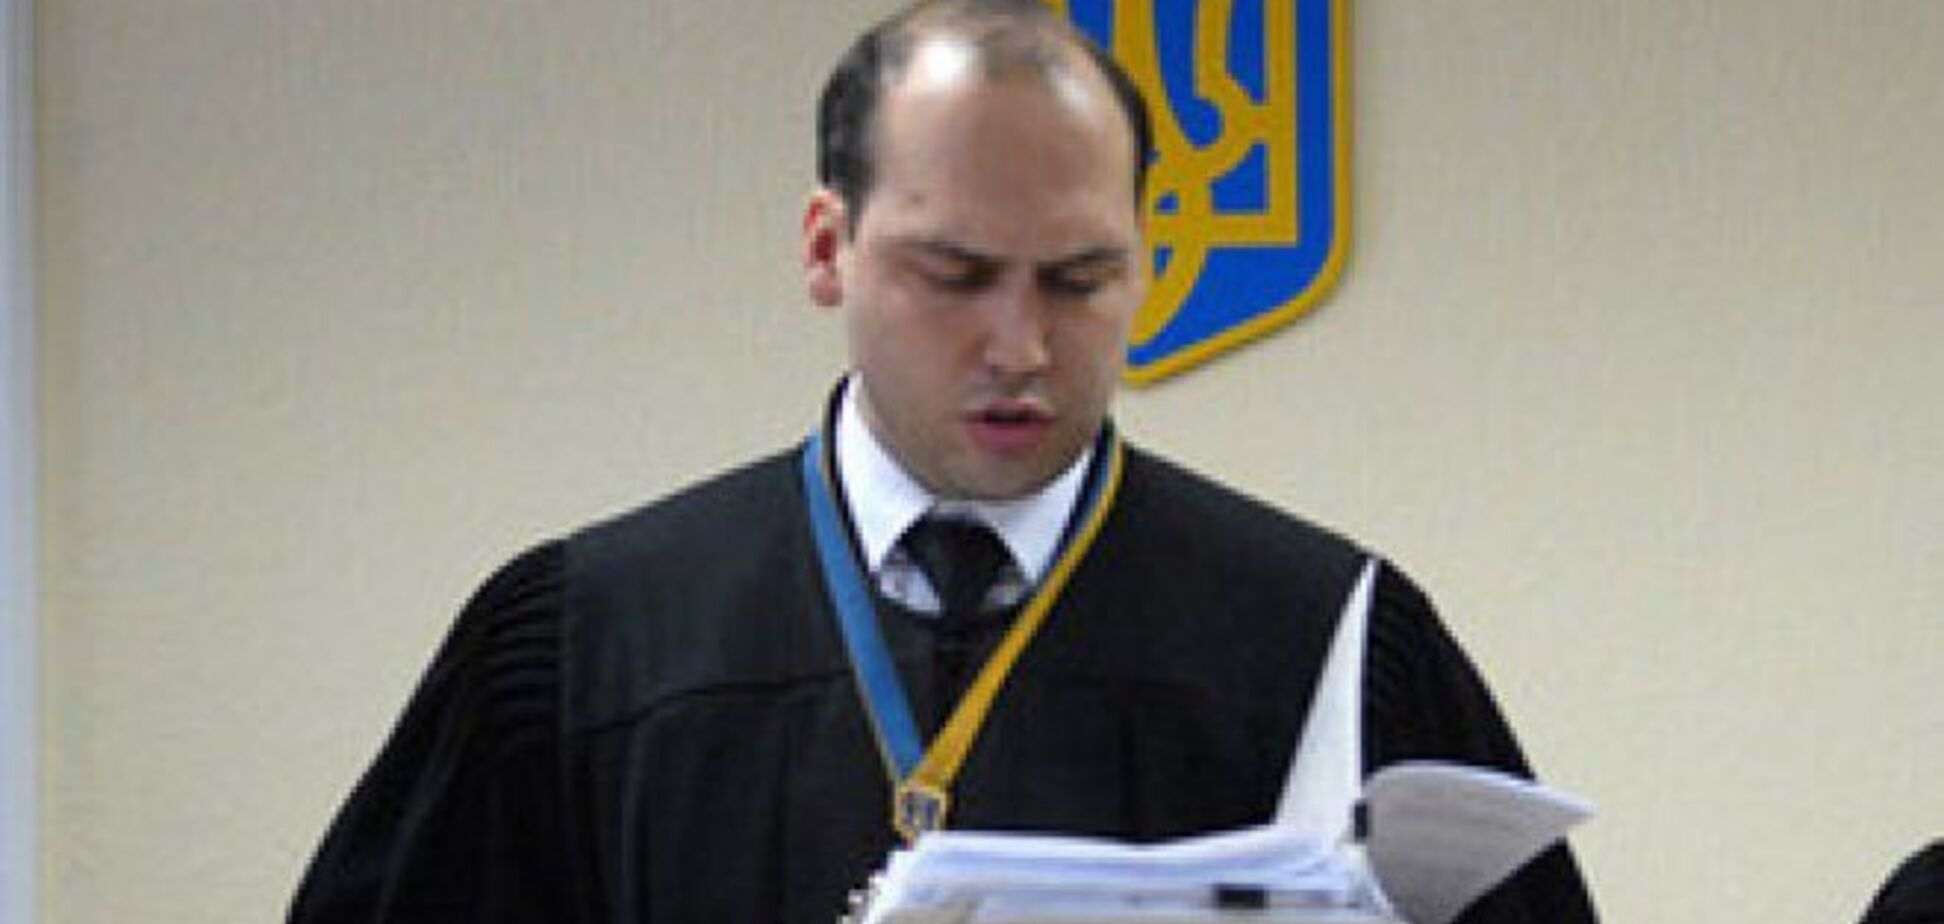 ГПУ открыла дело против судьи Вовка из-за денег экс-министра АПК